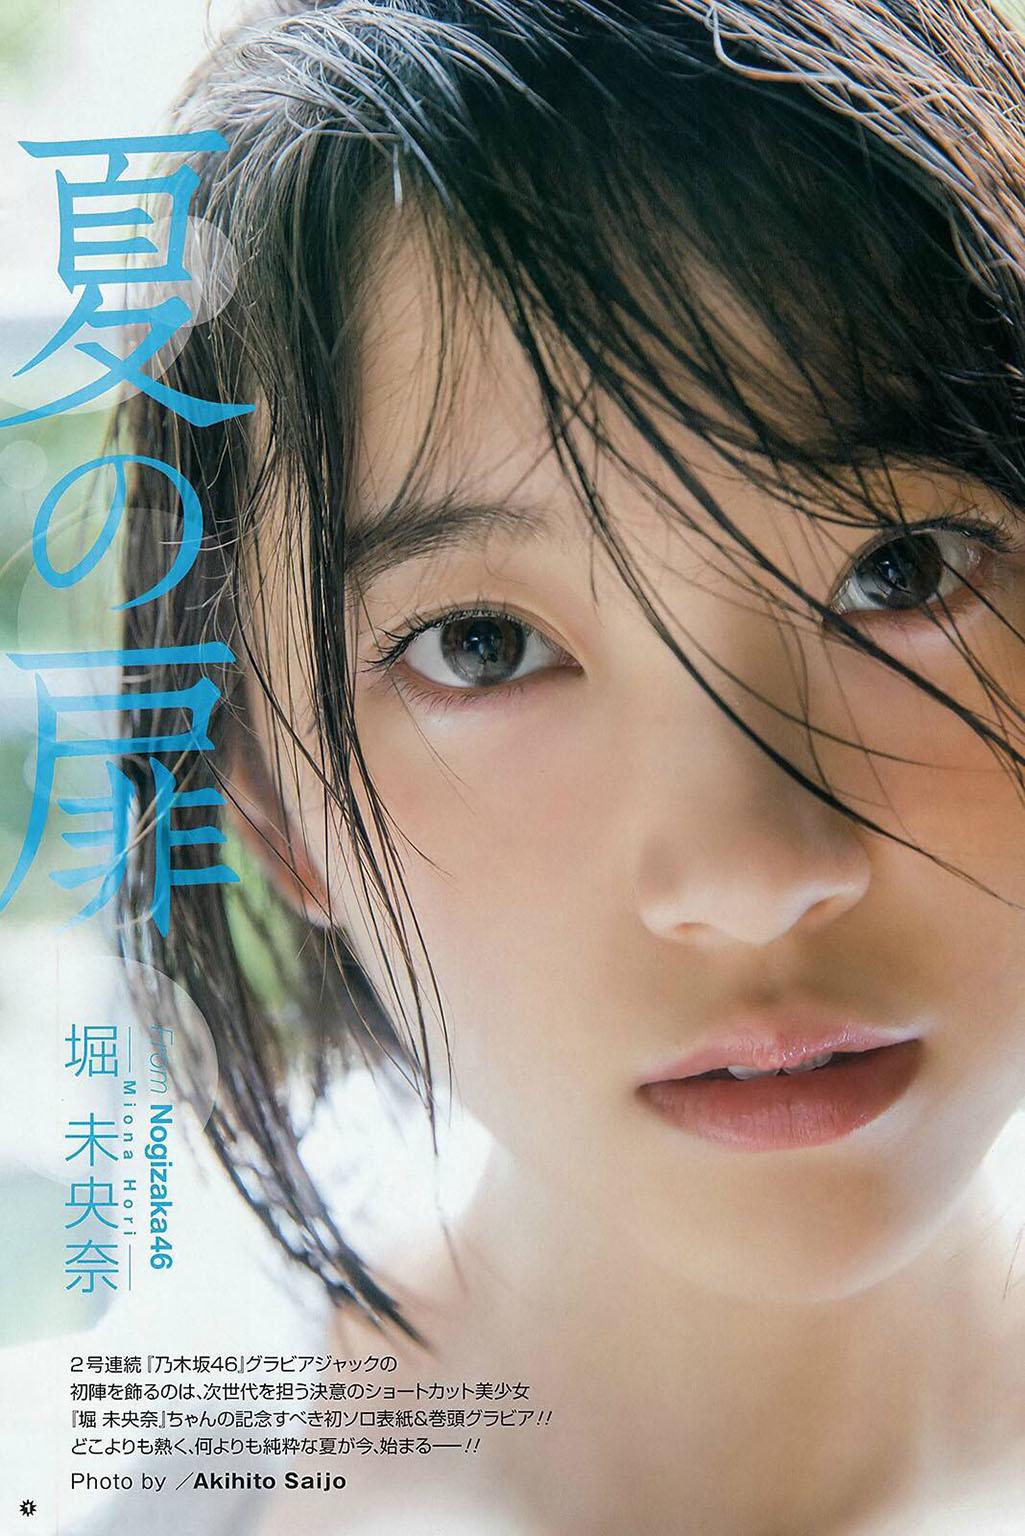 Hori Miona 堀未央奈 Nogizaka46, Young Gangan 2016 No.15 Gravure